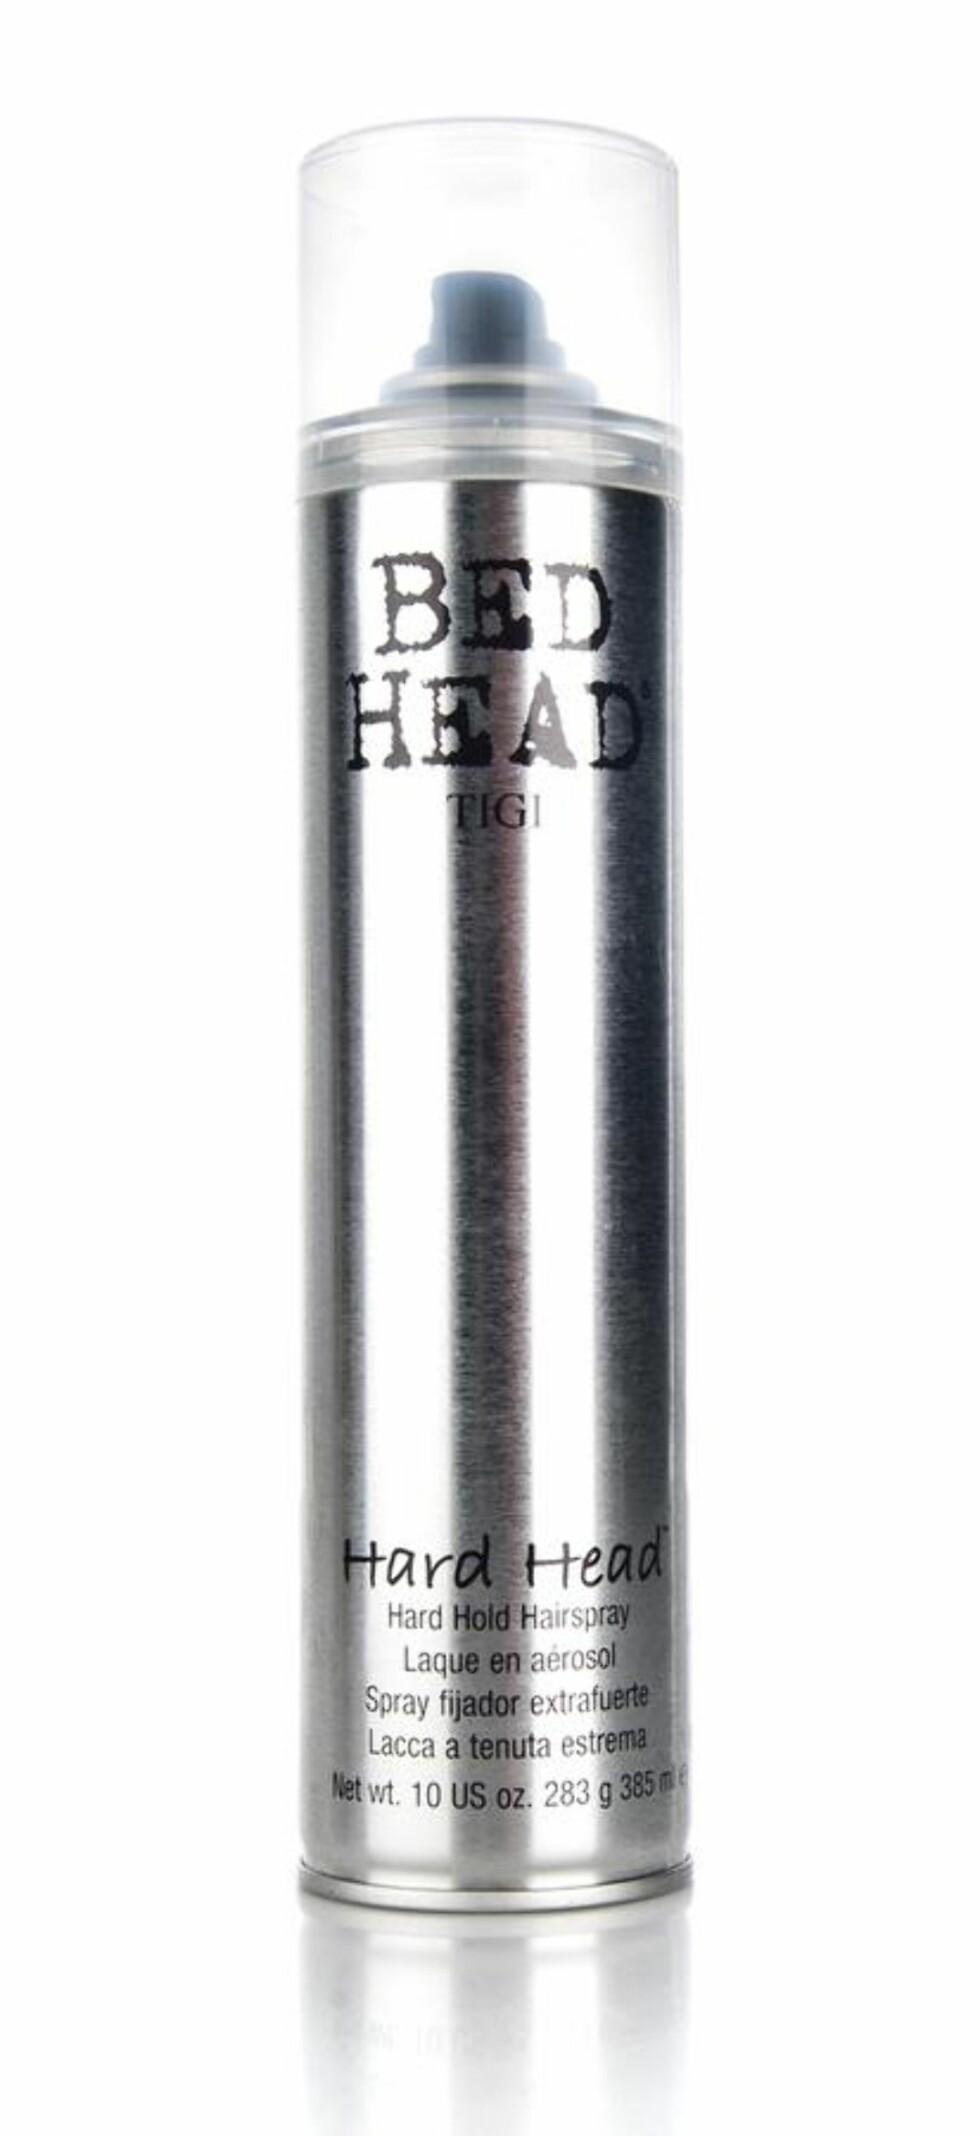 Hårspray fra Tigi Bedhead via BliVakker.no | kr 80 |  https://www.blivakker.no/product/1778/tigi-bedhead-hard-head-hard-hold-hairspray-385ml-